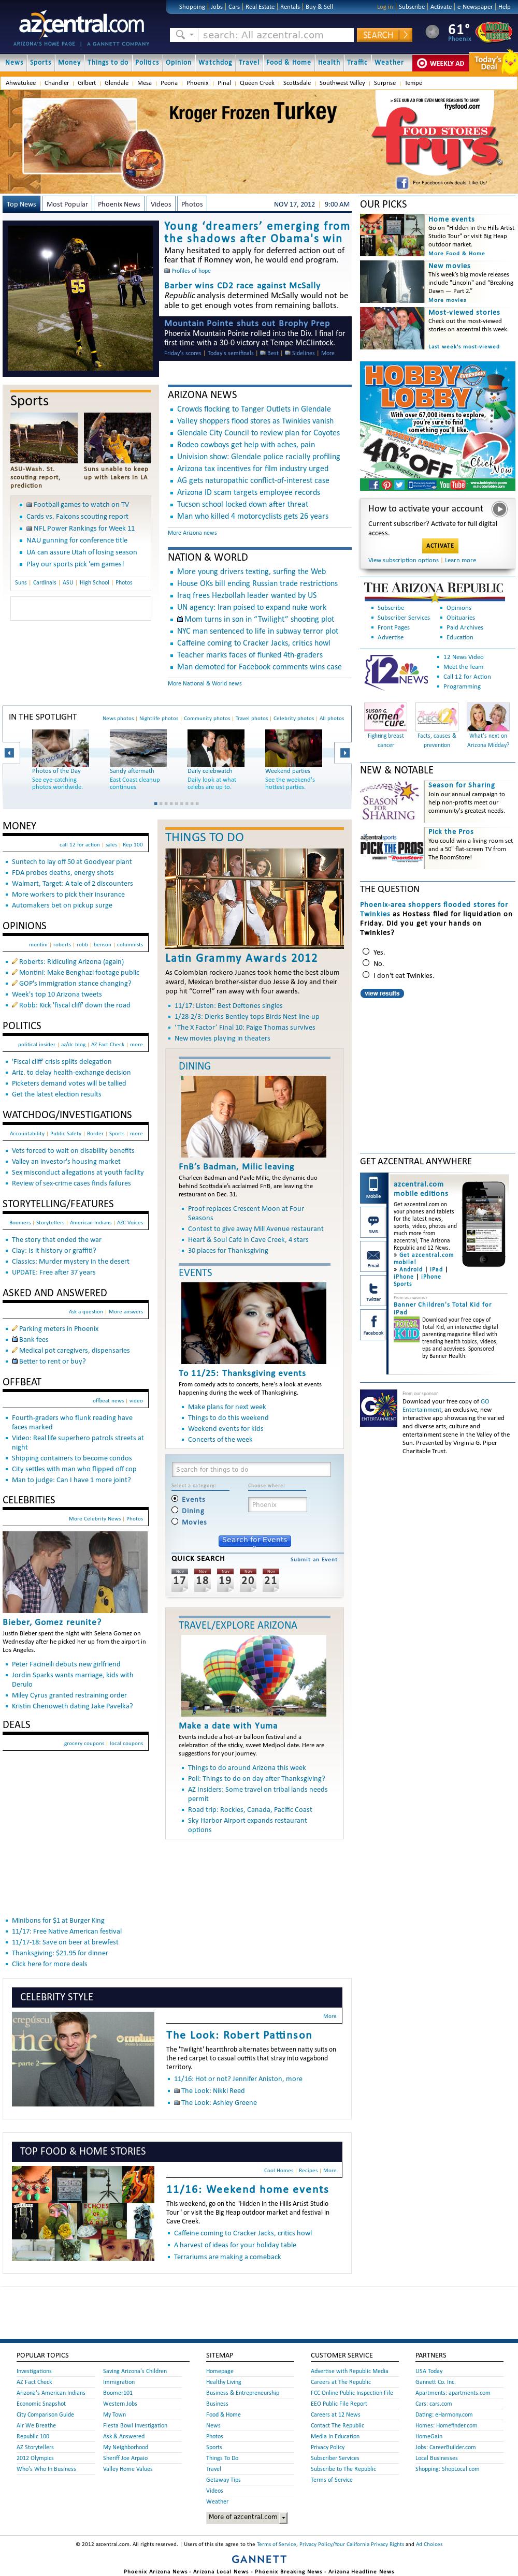 azcentral.com at Saturday Nov. 17, 2012, 9 a.m. UTC